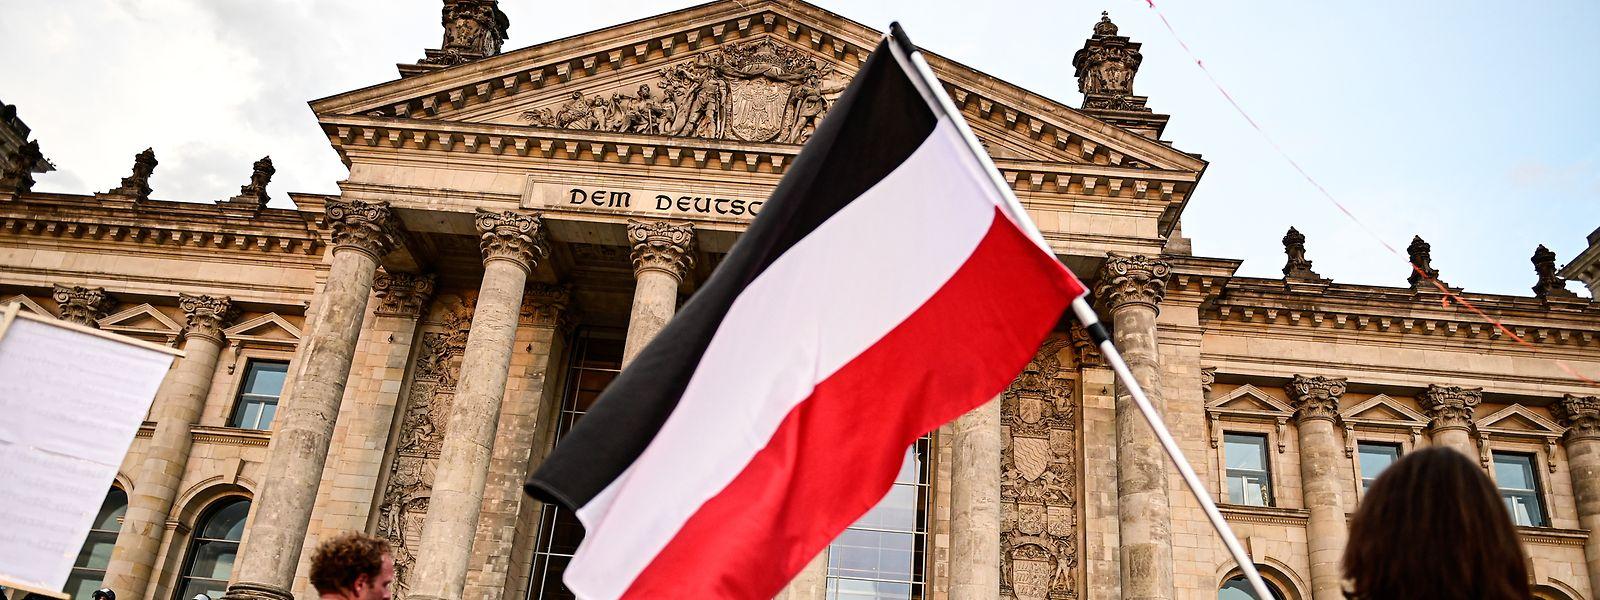 Bei einer Kundgebung gegen die Corona-Maßnahmen im August 2020 in Berlin zeigten Teilnehmer Reichsflaggen.